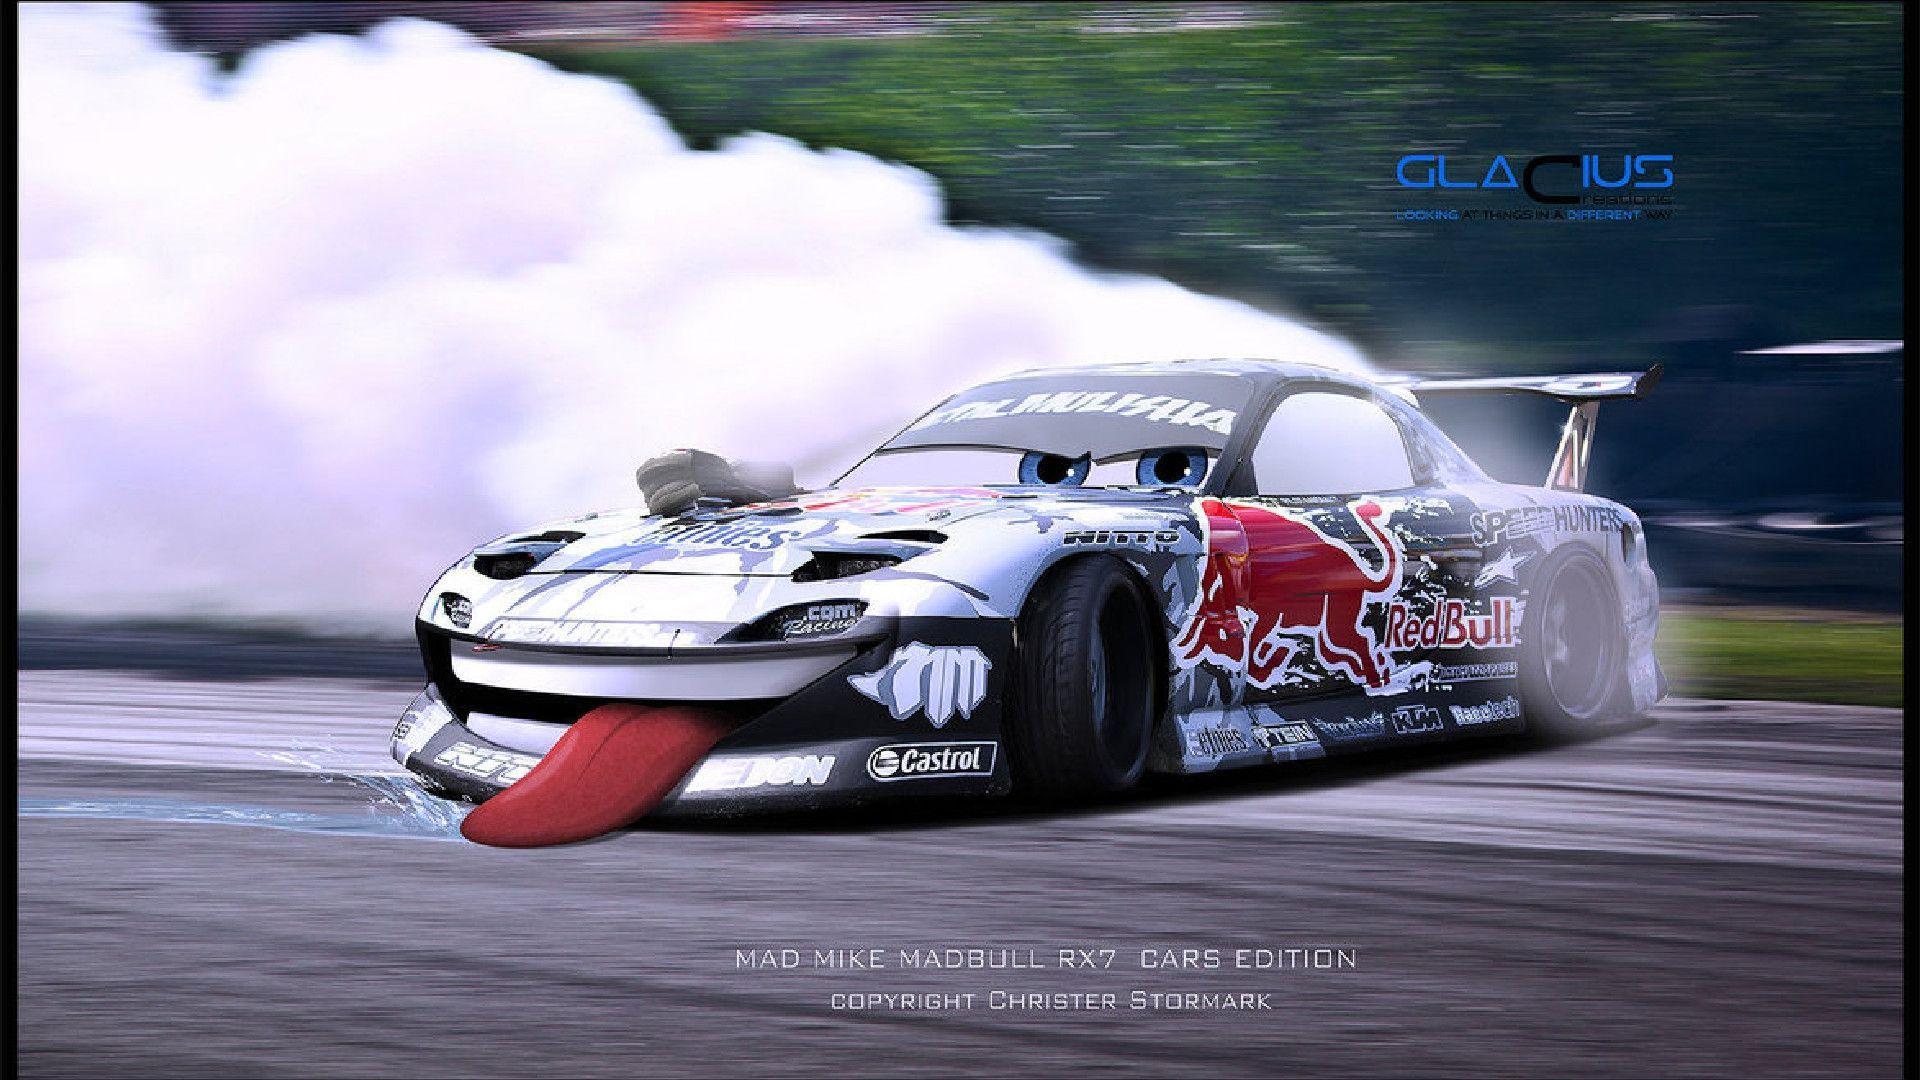 1920x1080 Inspirational Drift Car Wallpaper Hd